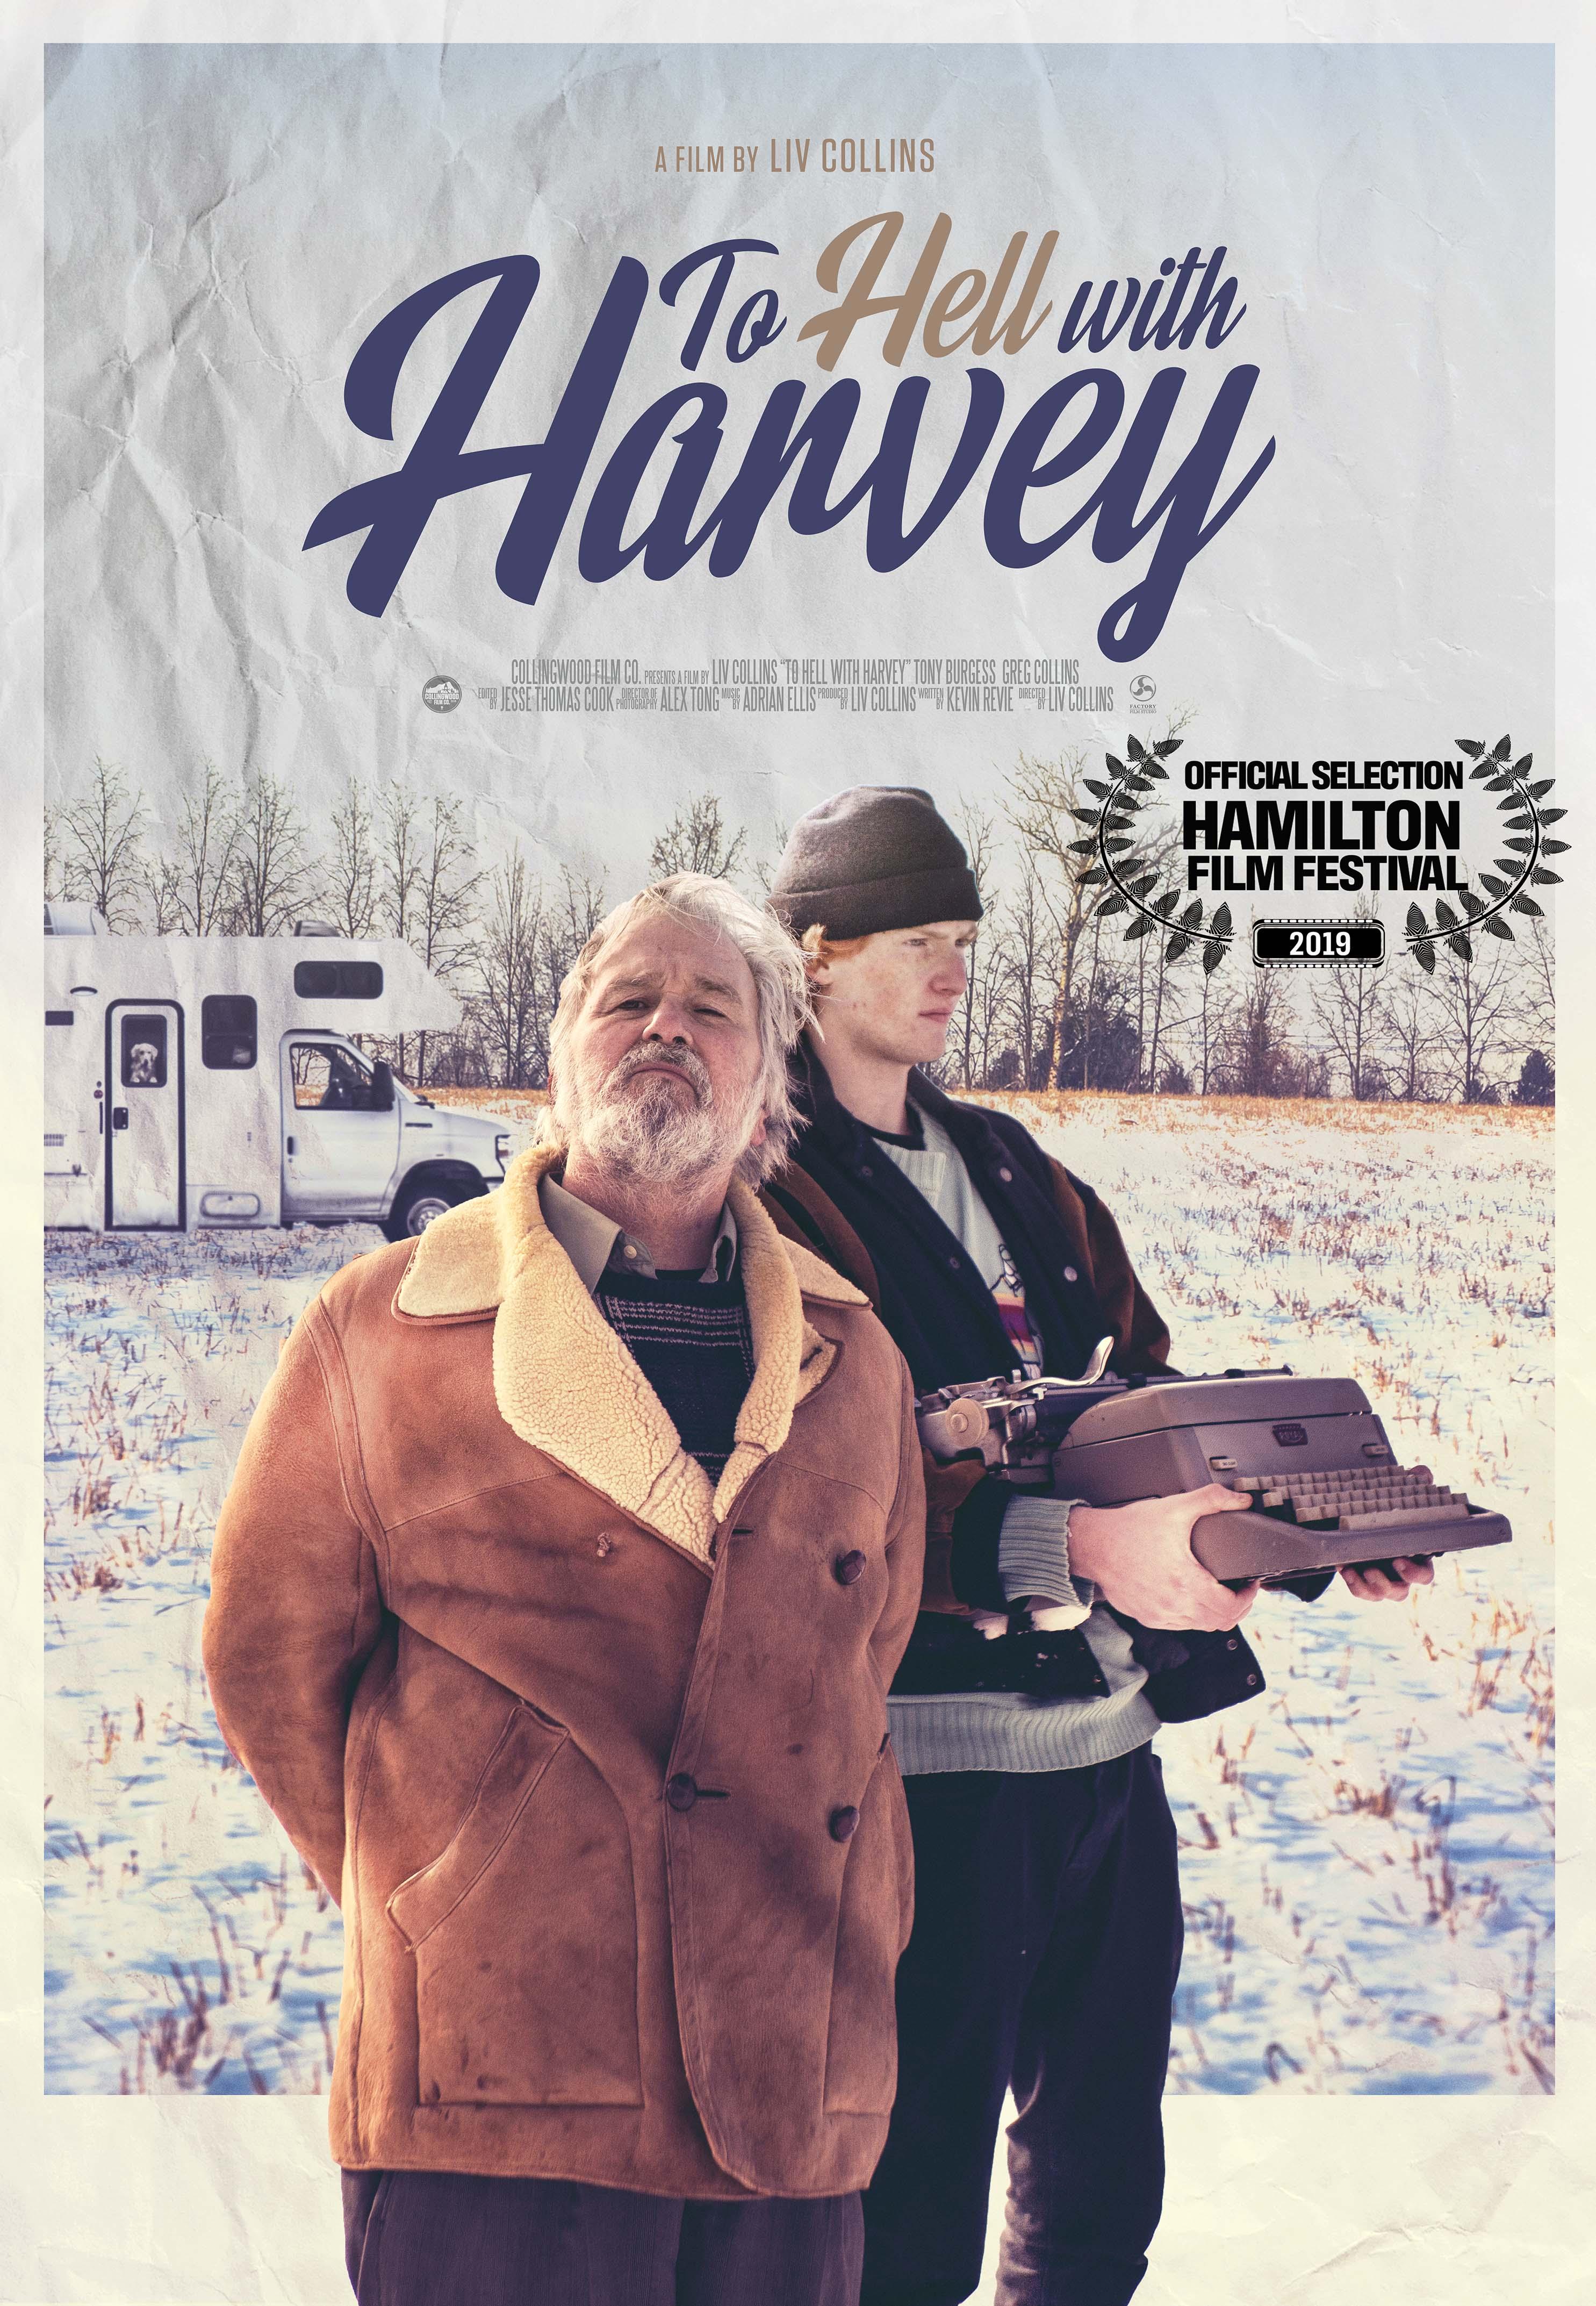 ჯოჯოხეთში ჰარვისთან ერთად TO HELL WITH HARVEY